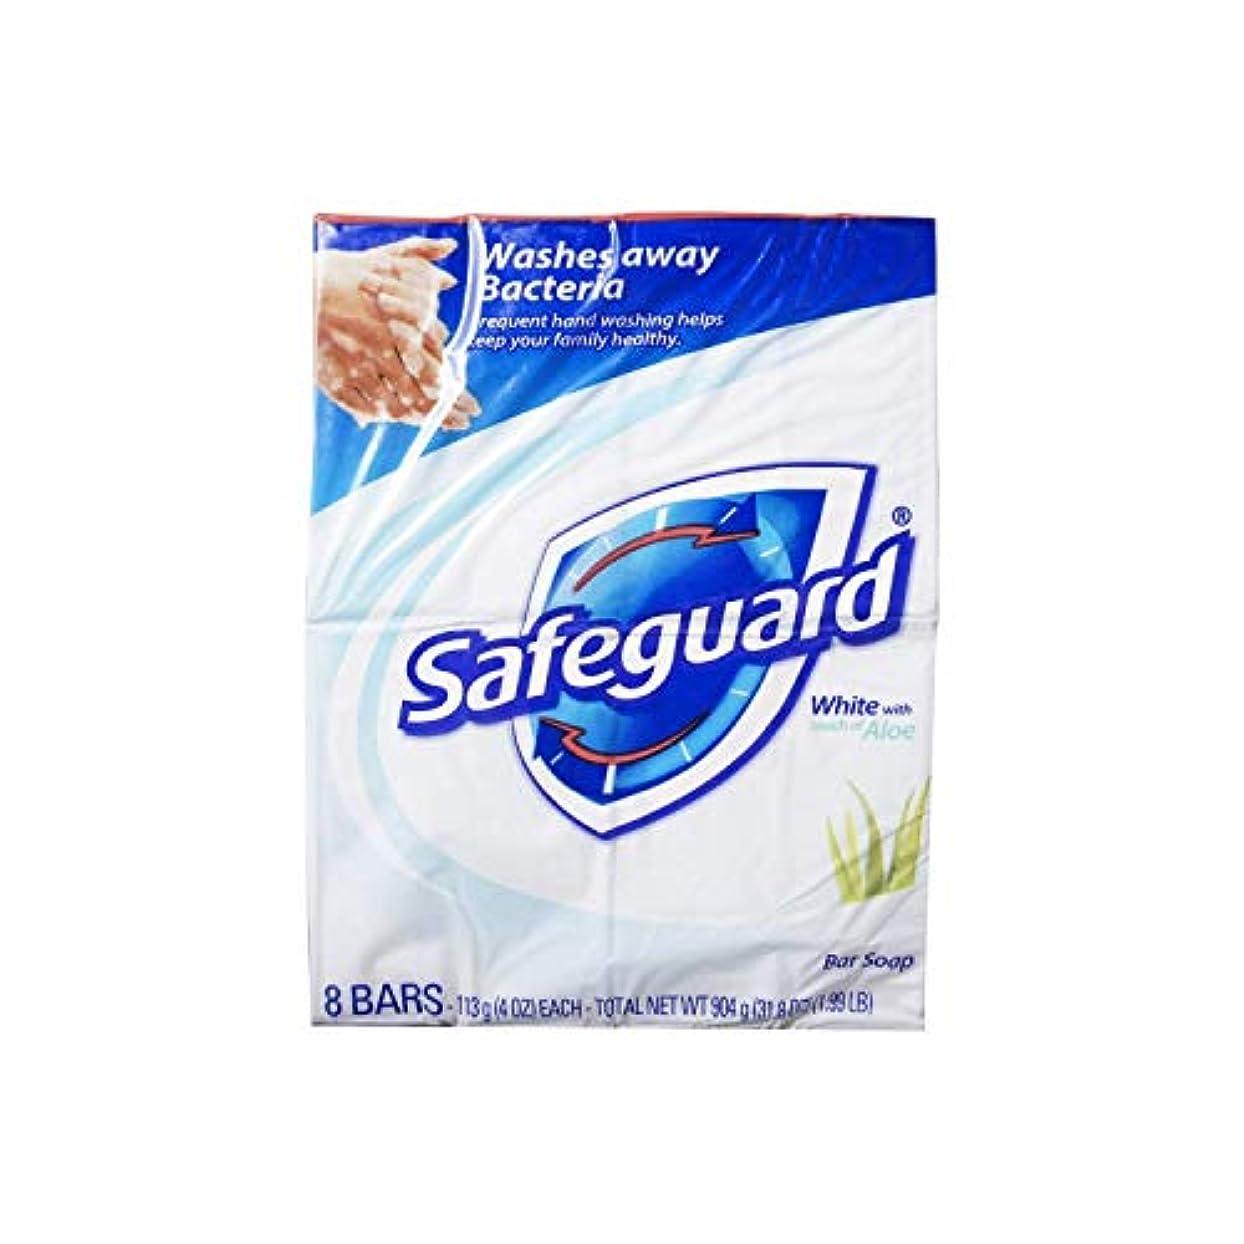 シャーロットブロンテ手足城Safeguard 抗菌石鹸、ホワイトアロエでは、4つのオズバー、8 Eaは(6パック)